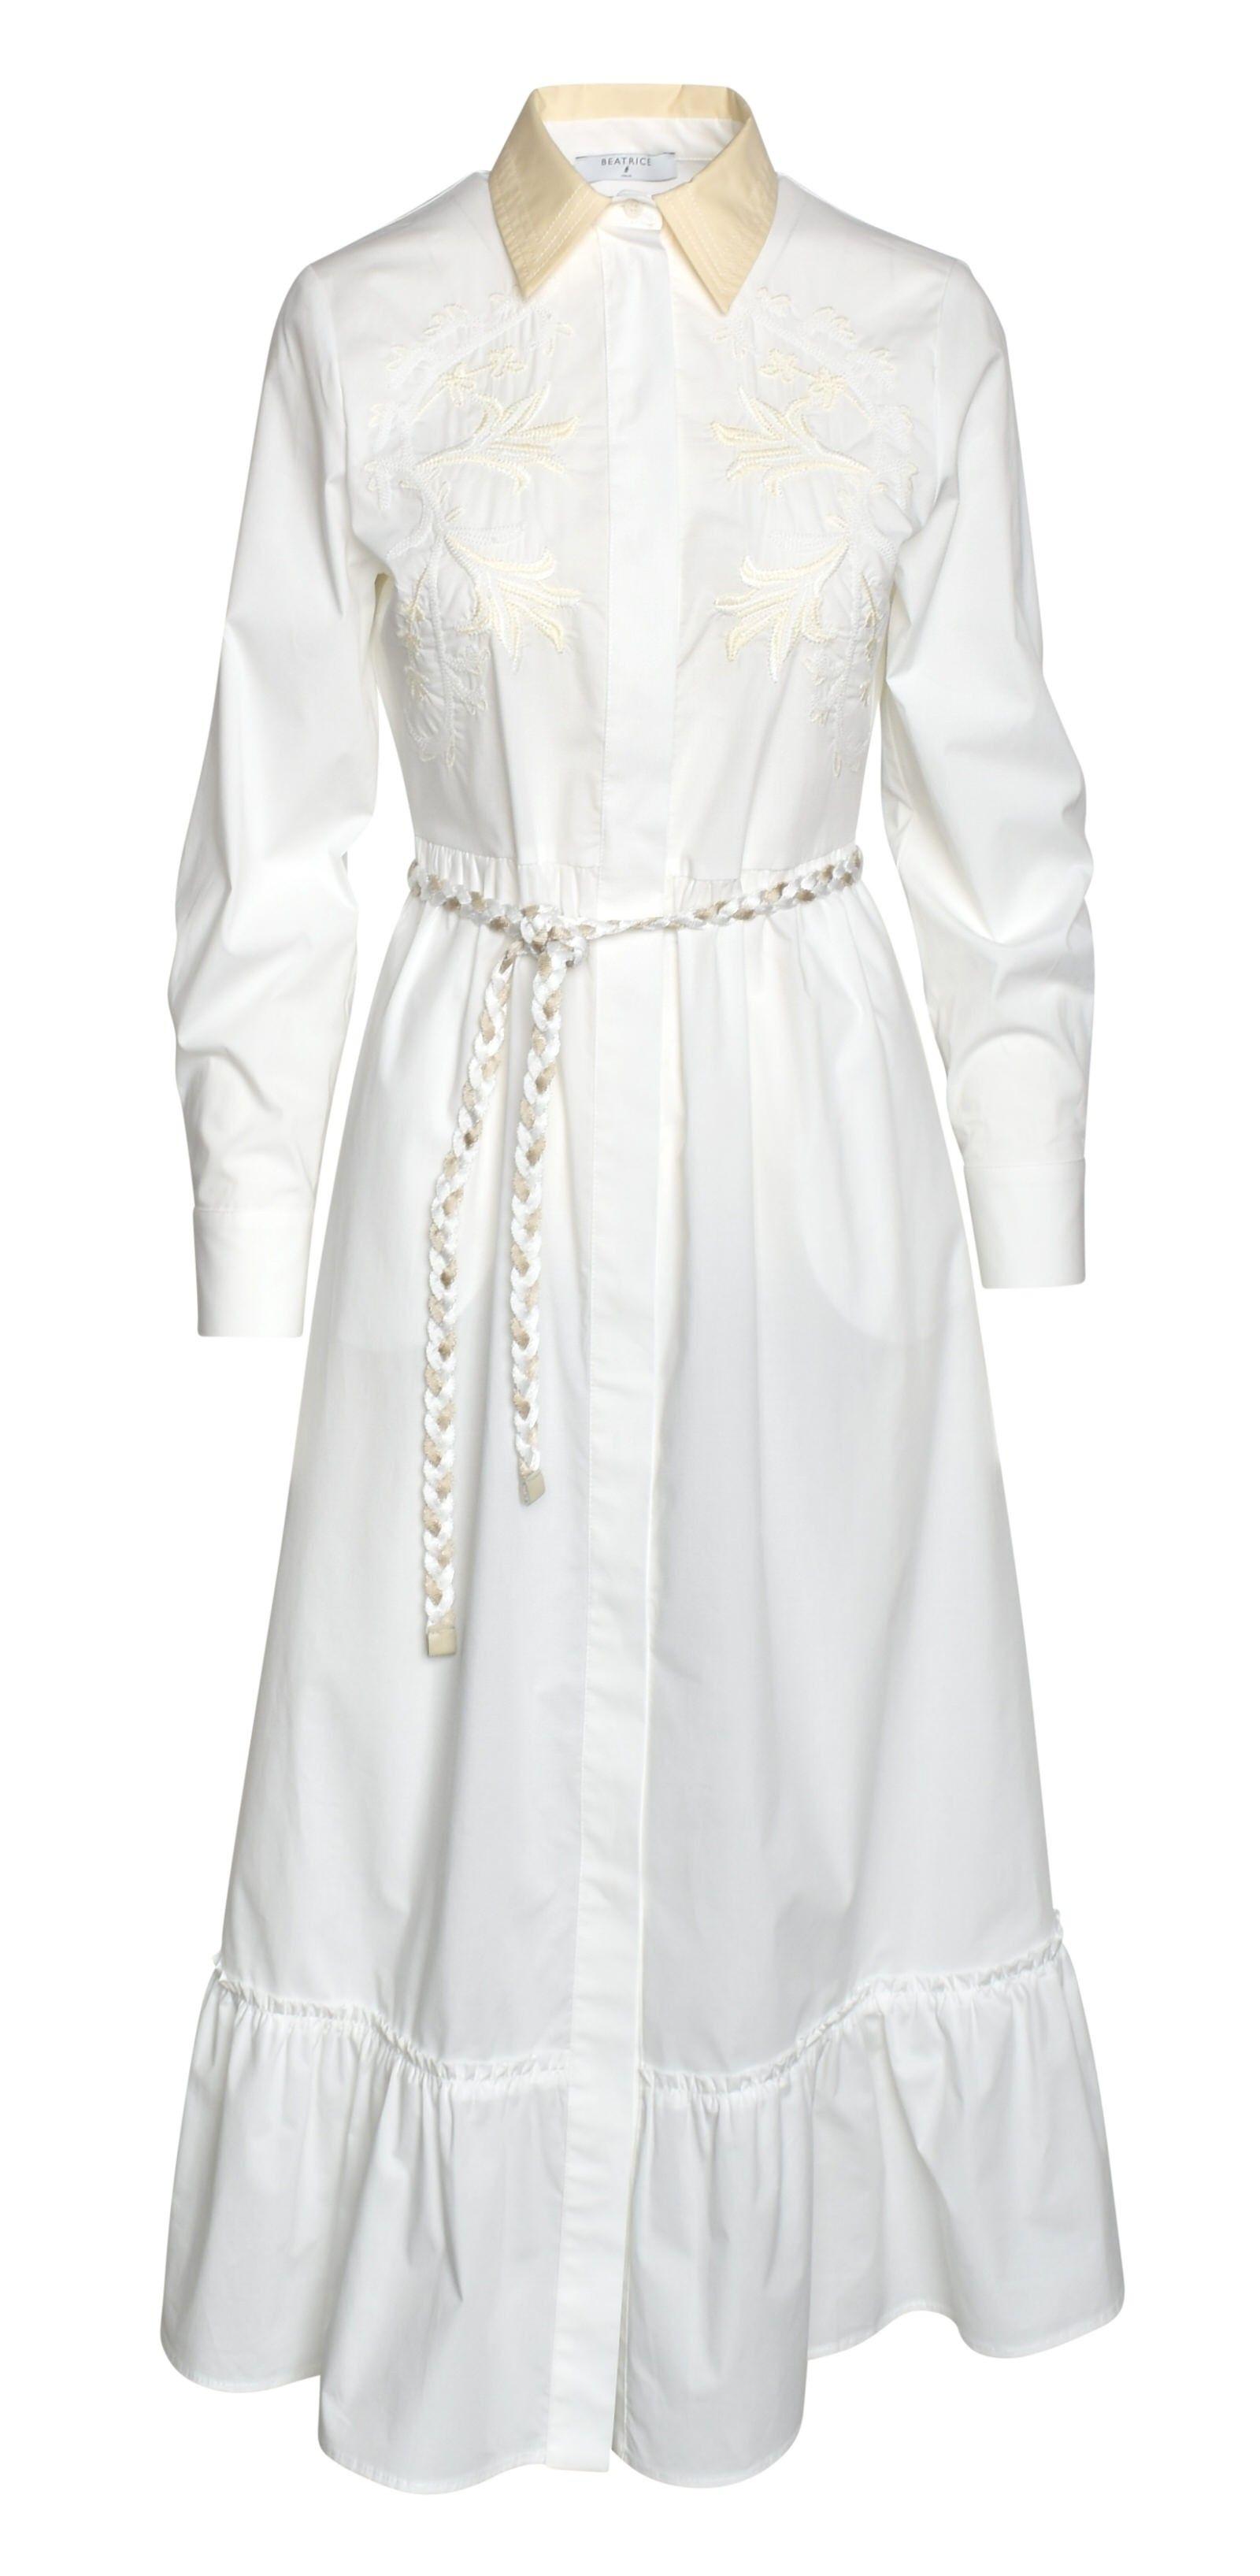 BEATRICE B - Damen Kleid - Abito White